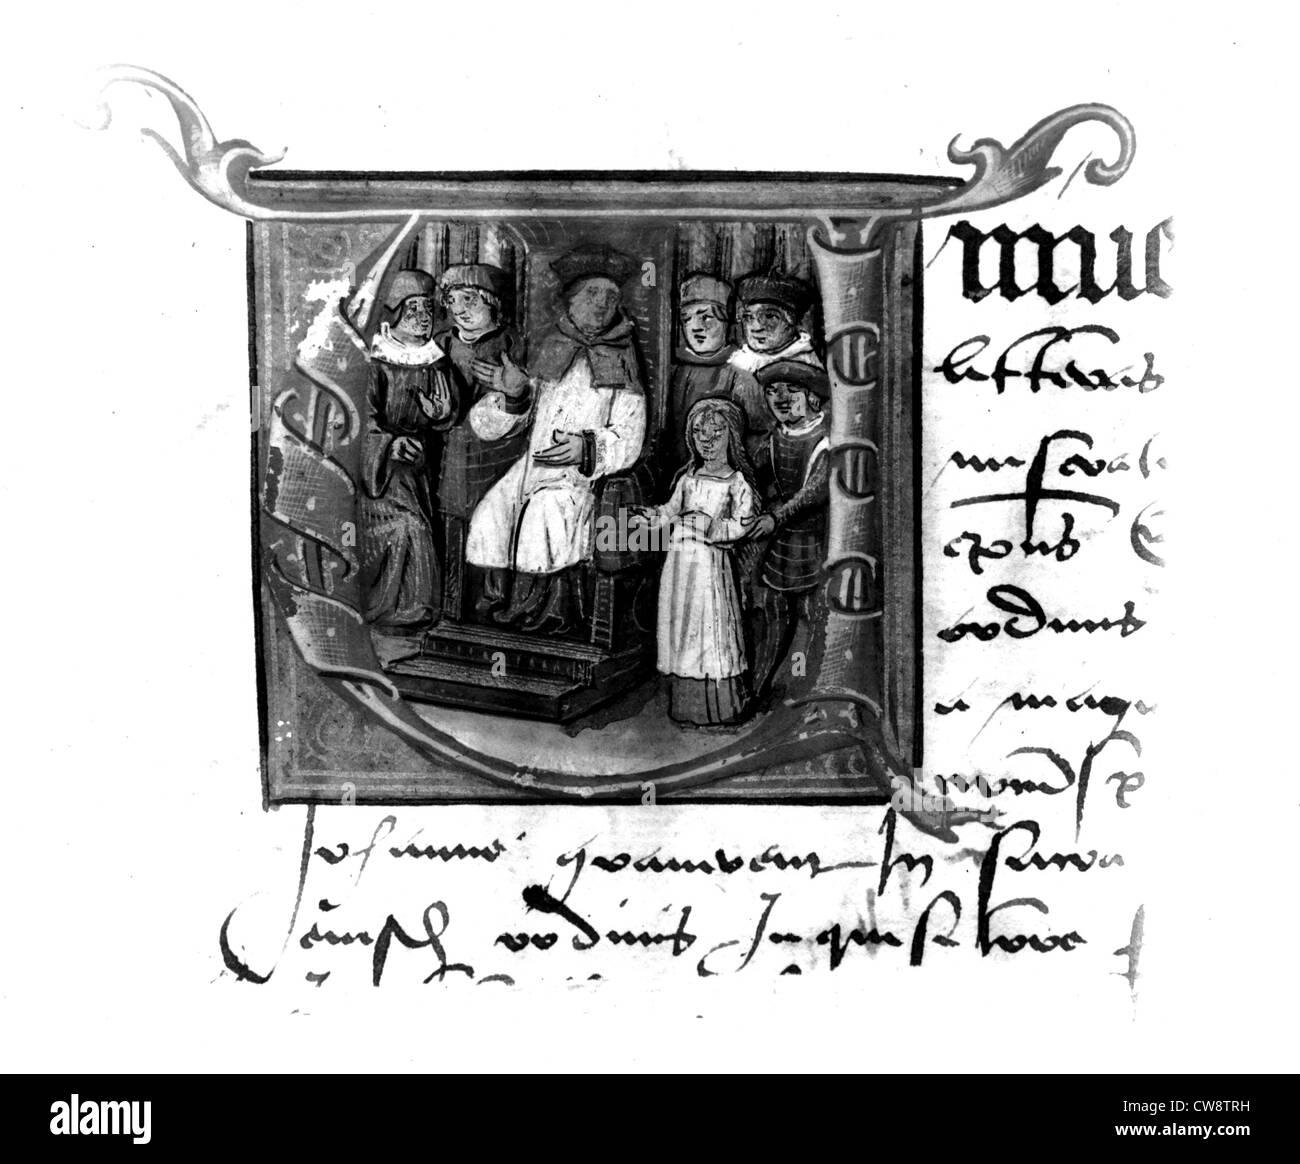 Manuscrit Latin anonyme, le procès de Jeanne d'Arc Photo Stock